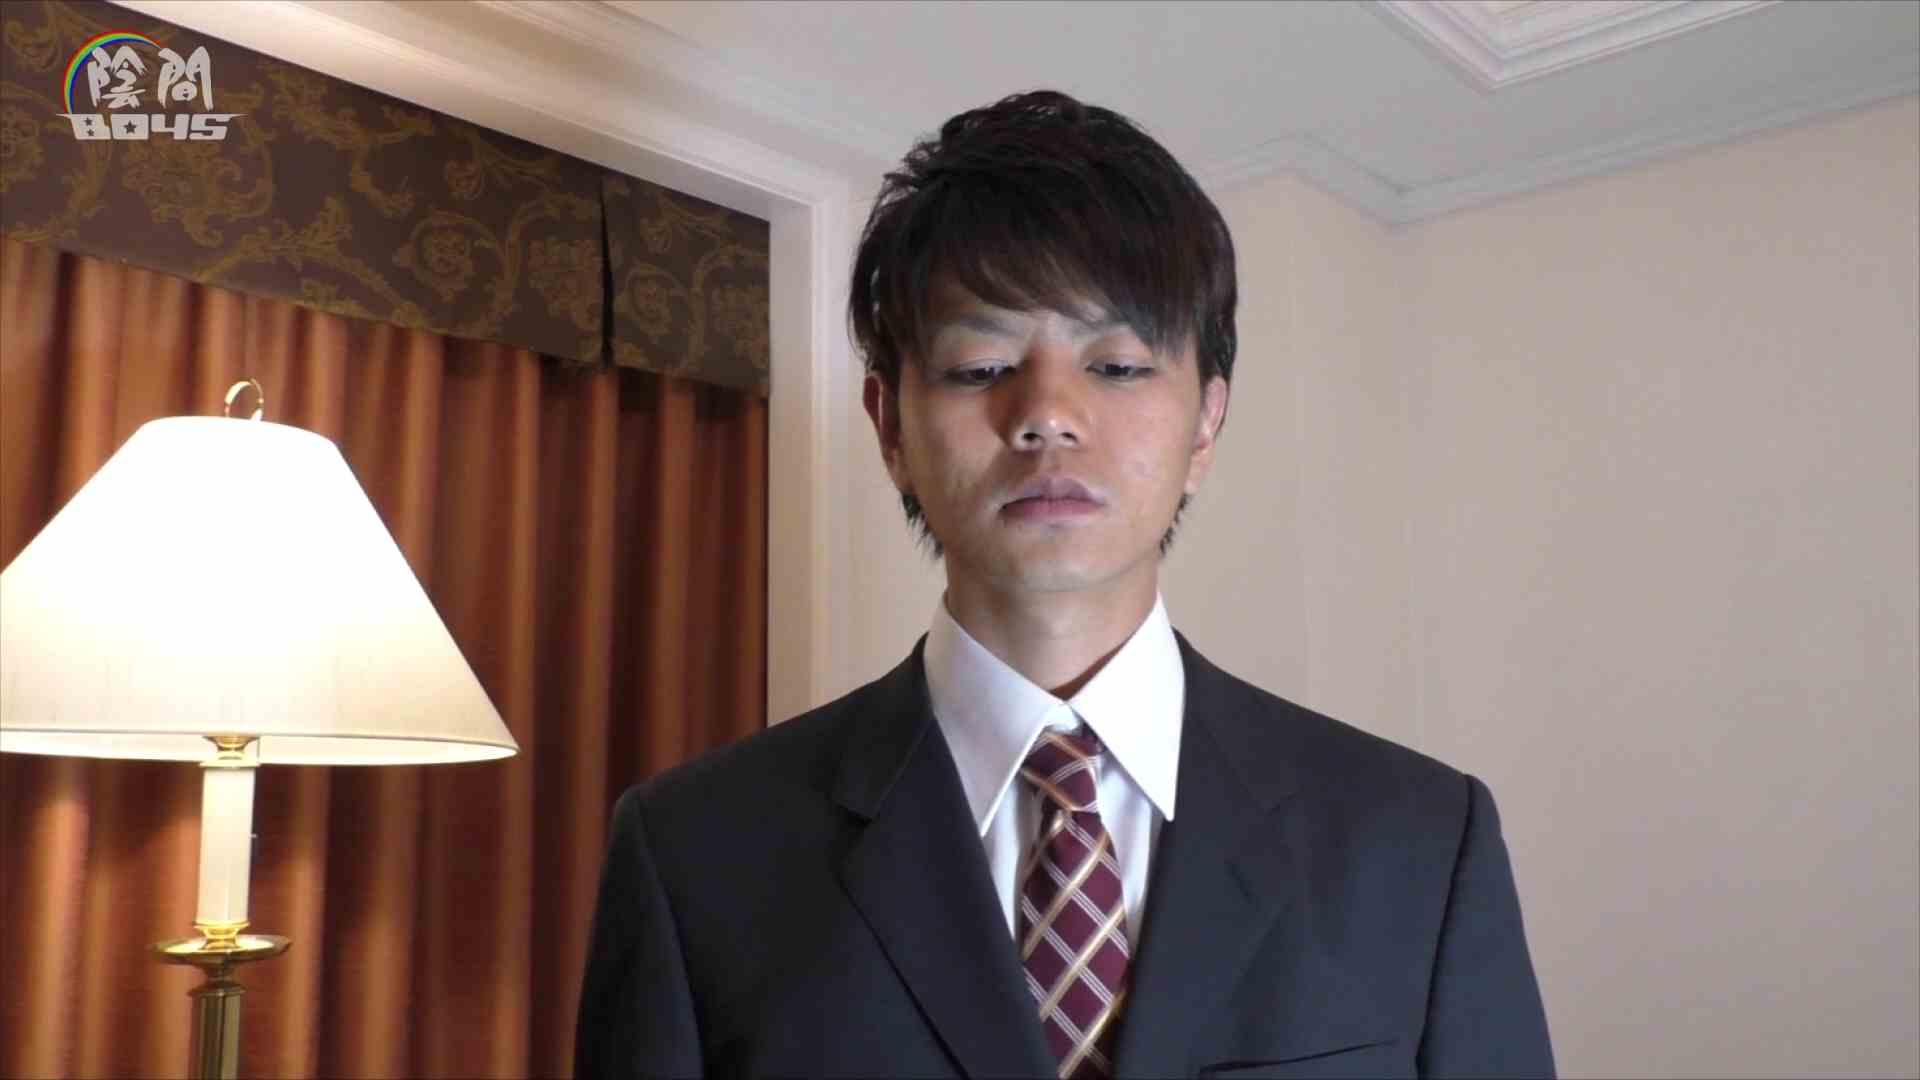 陰間BOYS~キャバクラの仕事はアナルから4 Vol.01 アナル ゲイザーメン画像 82枚 47